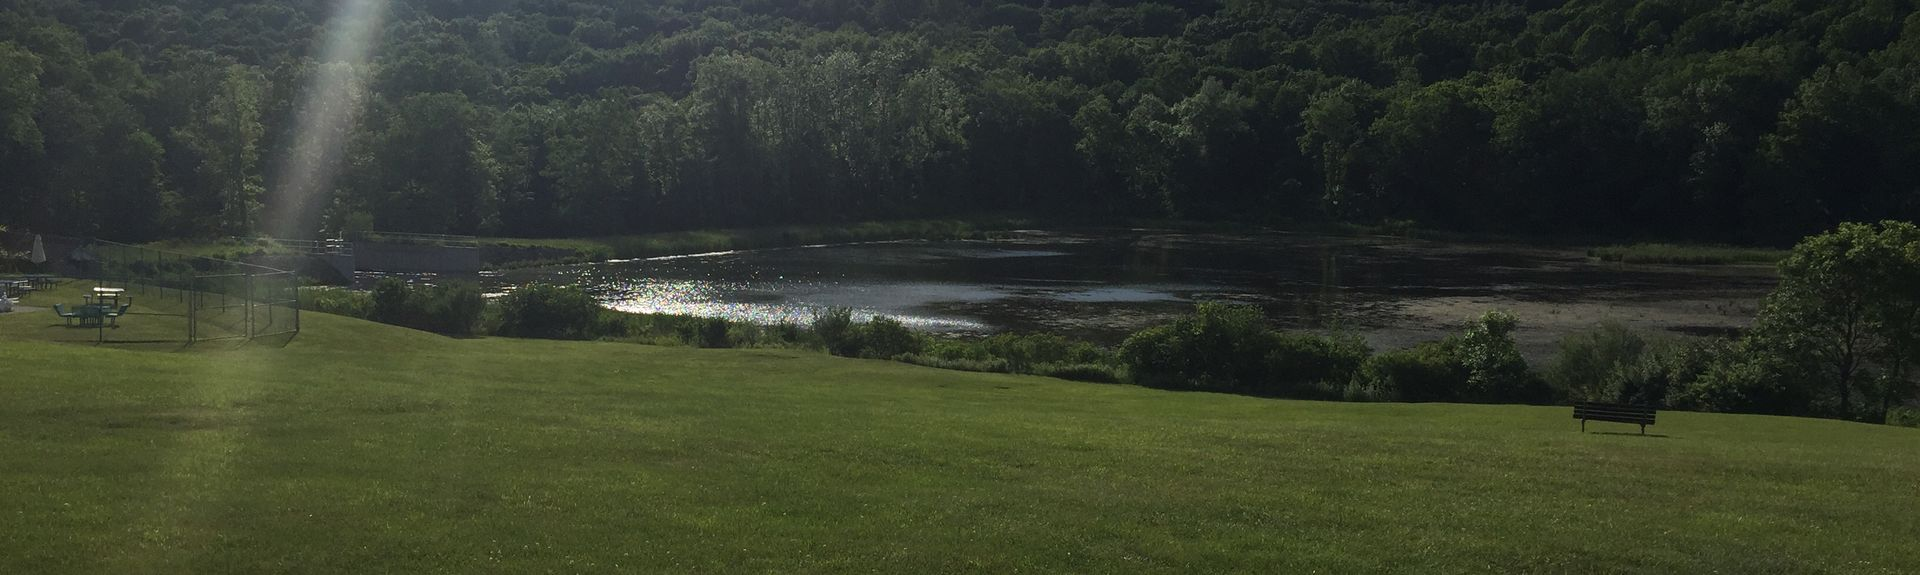 Bushkill Falls, Bushkill, PA, USA